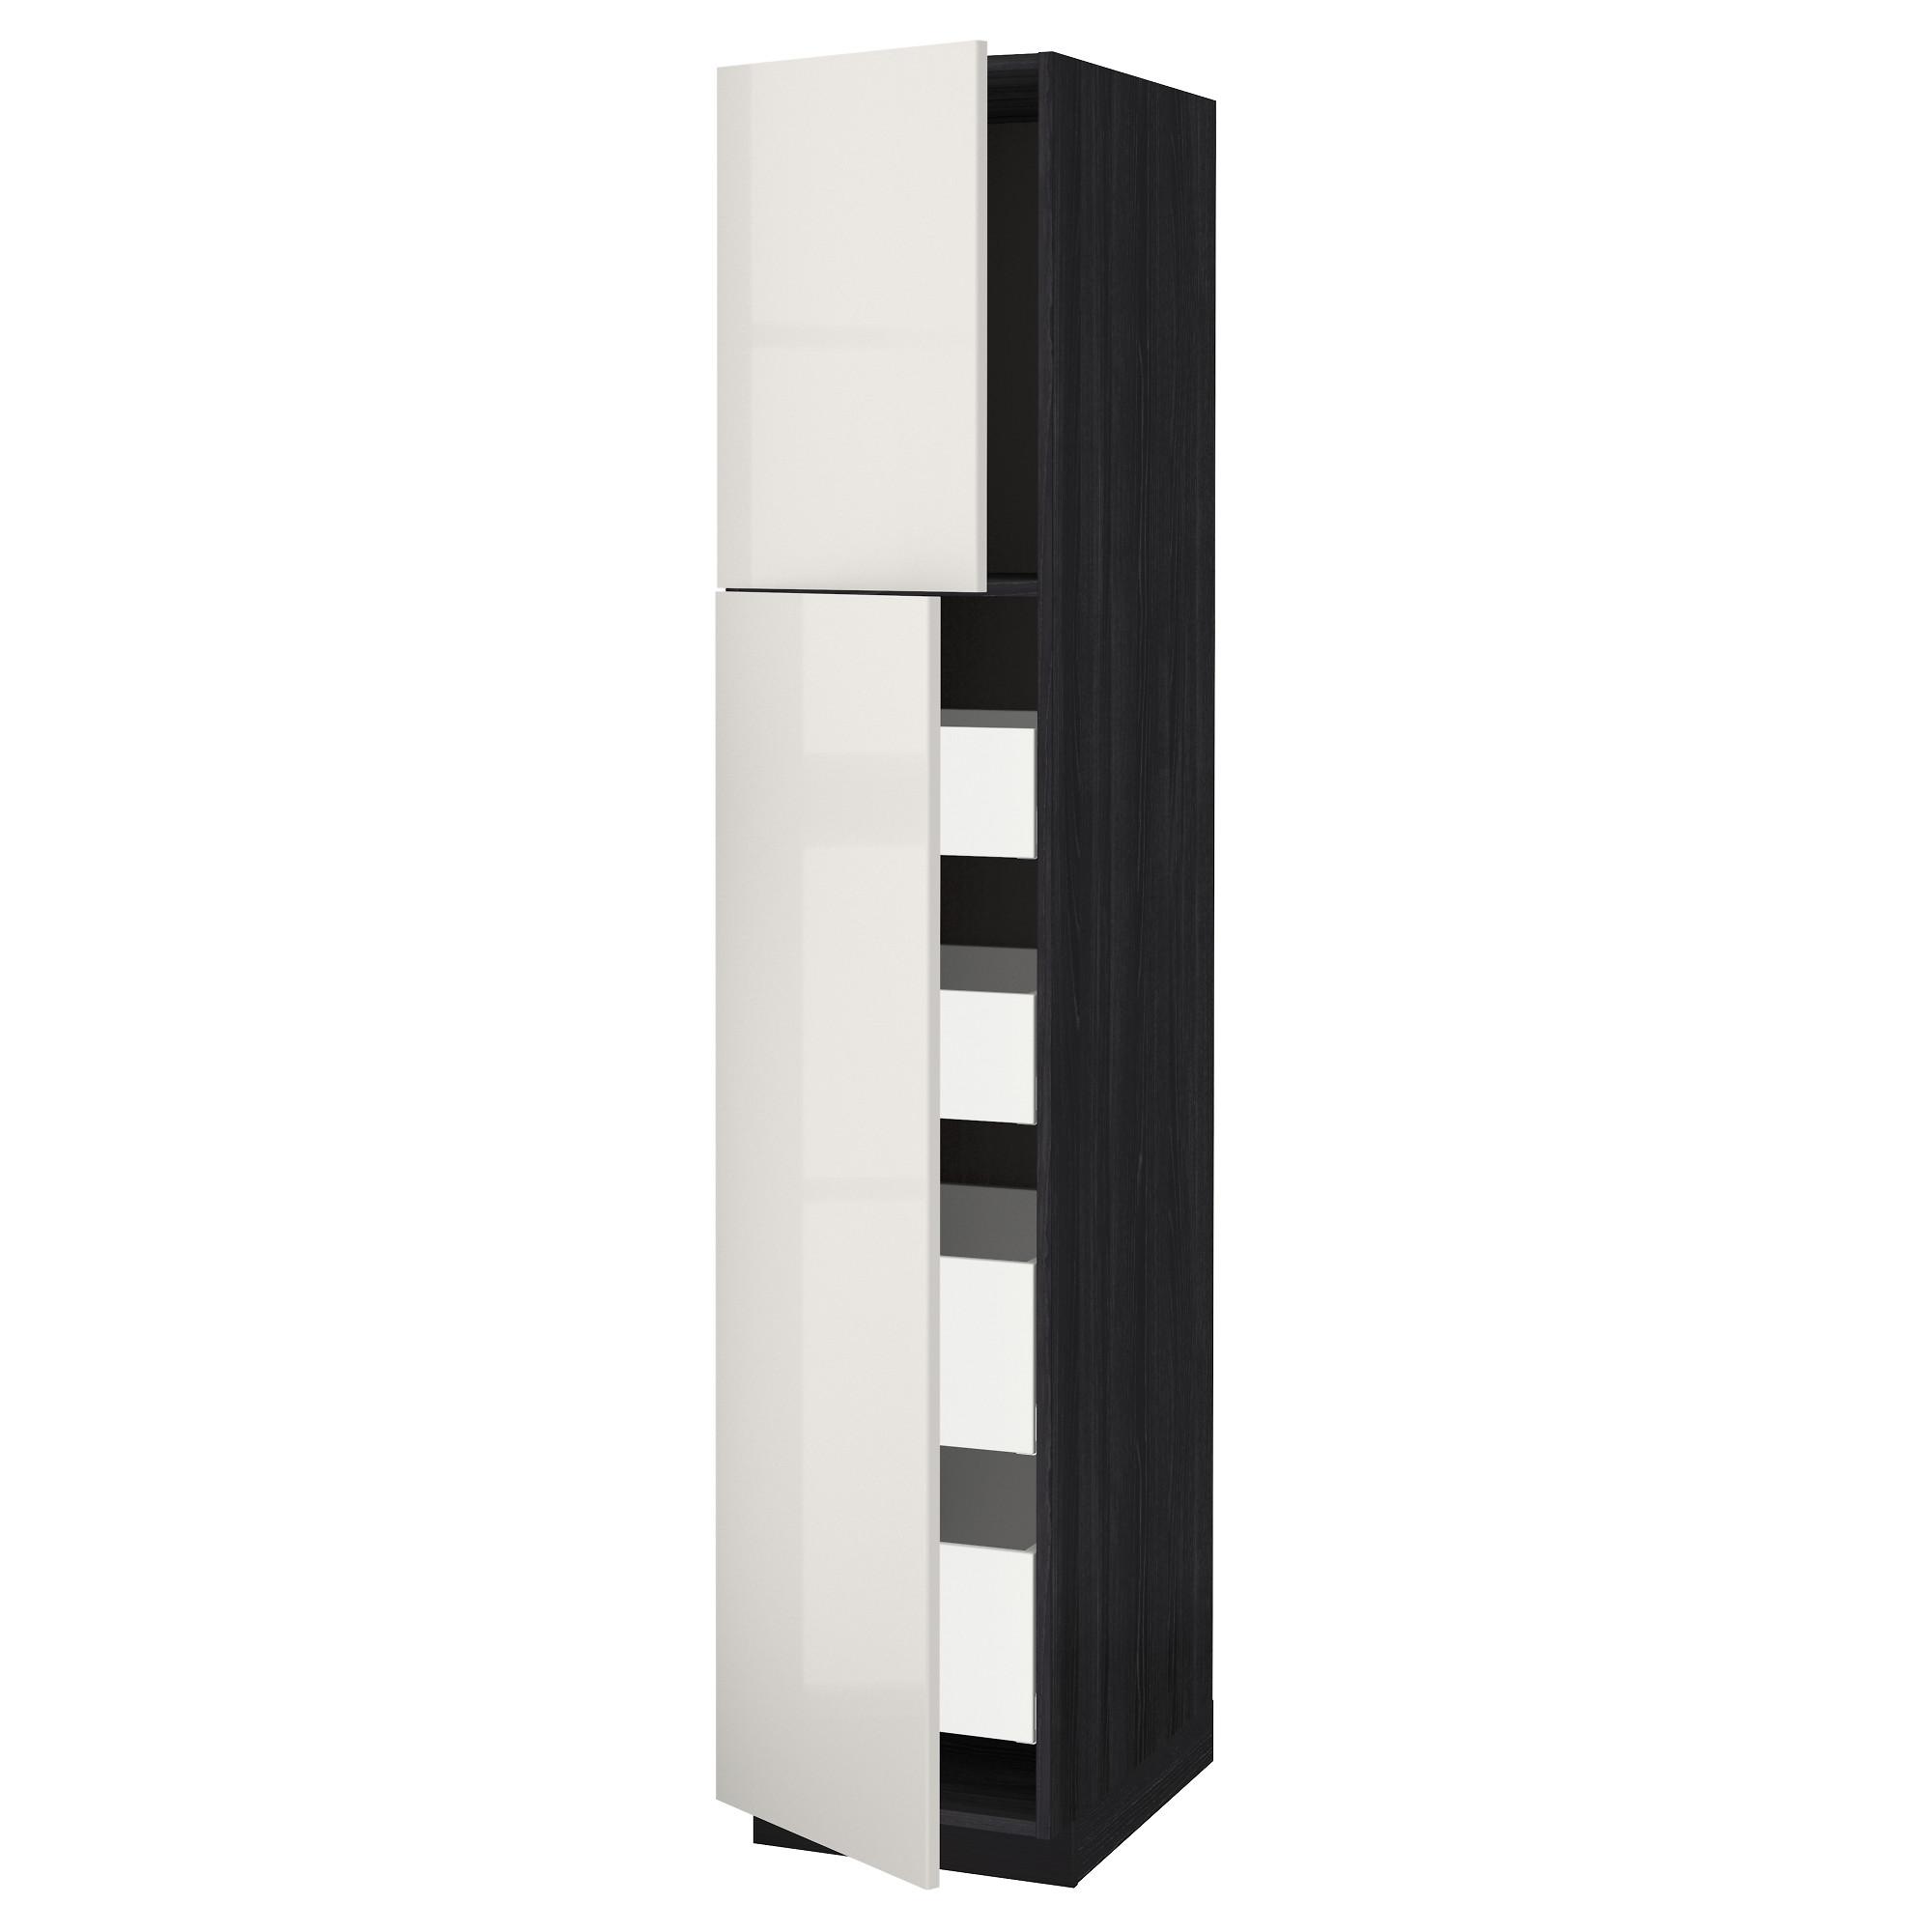 Высокий шкаф/2дверцы/4ящика МЕТОД / МАКСИМЕРА черный артикуль № 592.368.69 в наличии. Онлайн сайт IKEA РБ. Недорогая доставка и соборка.